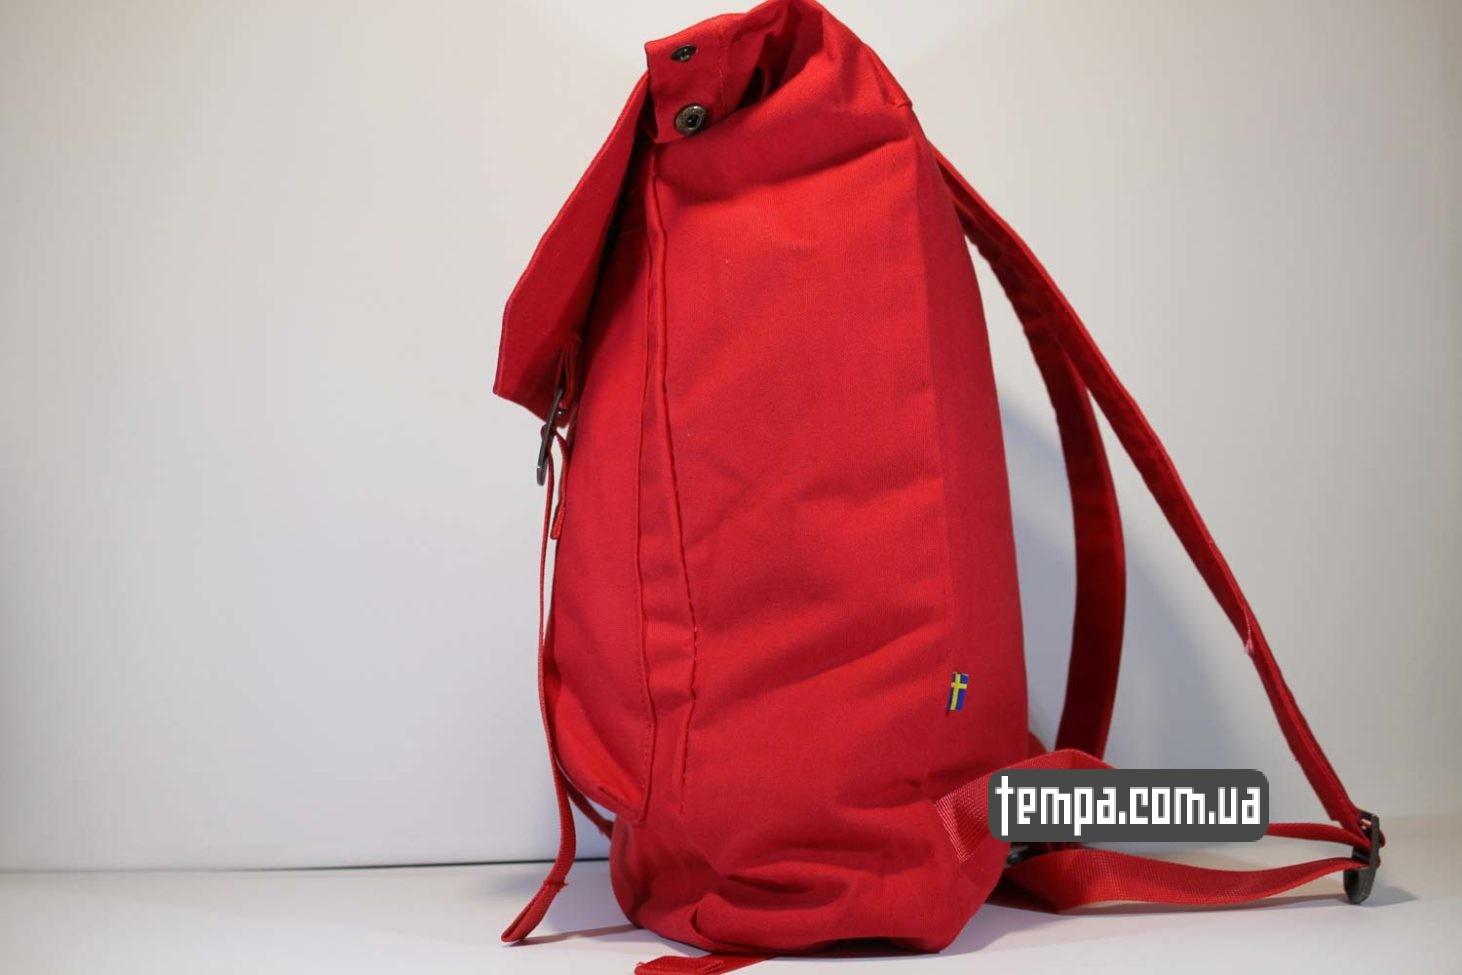 шведские оригинал рюкзак сумка Fjällräven Foldsack No.1 Ox красная